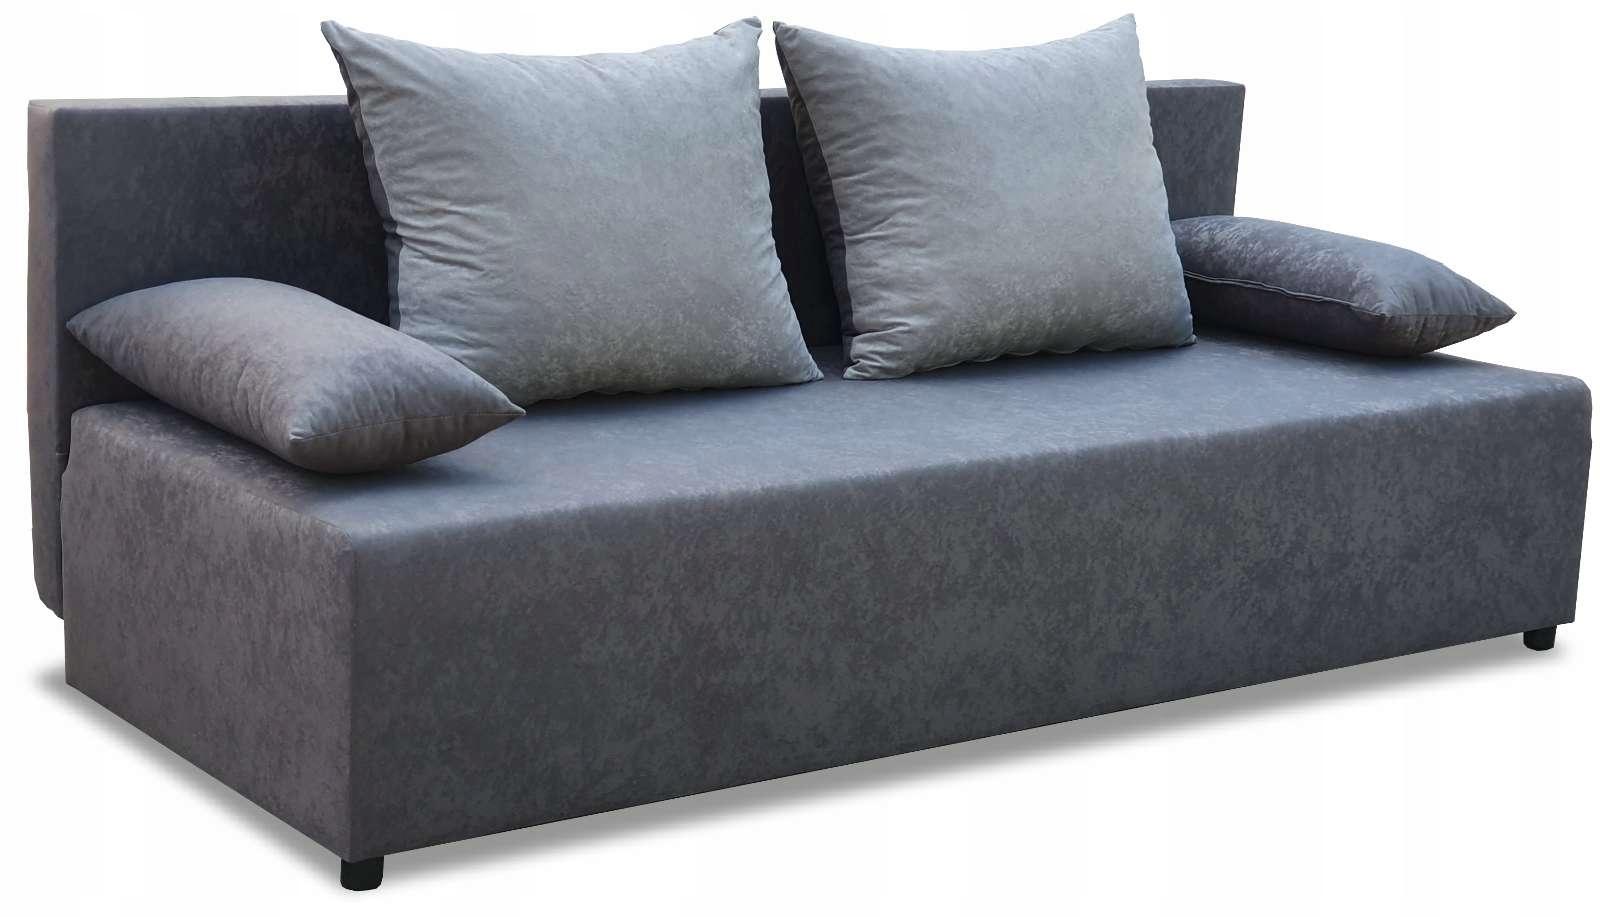 Диван-кровать диван-кровать диван-кровать диван? спальной функцией B